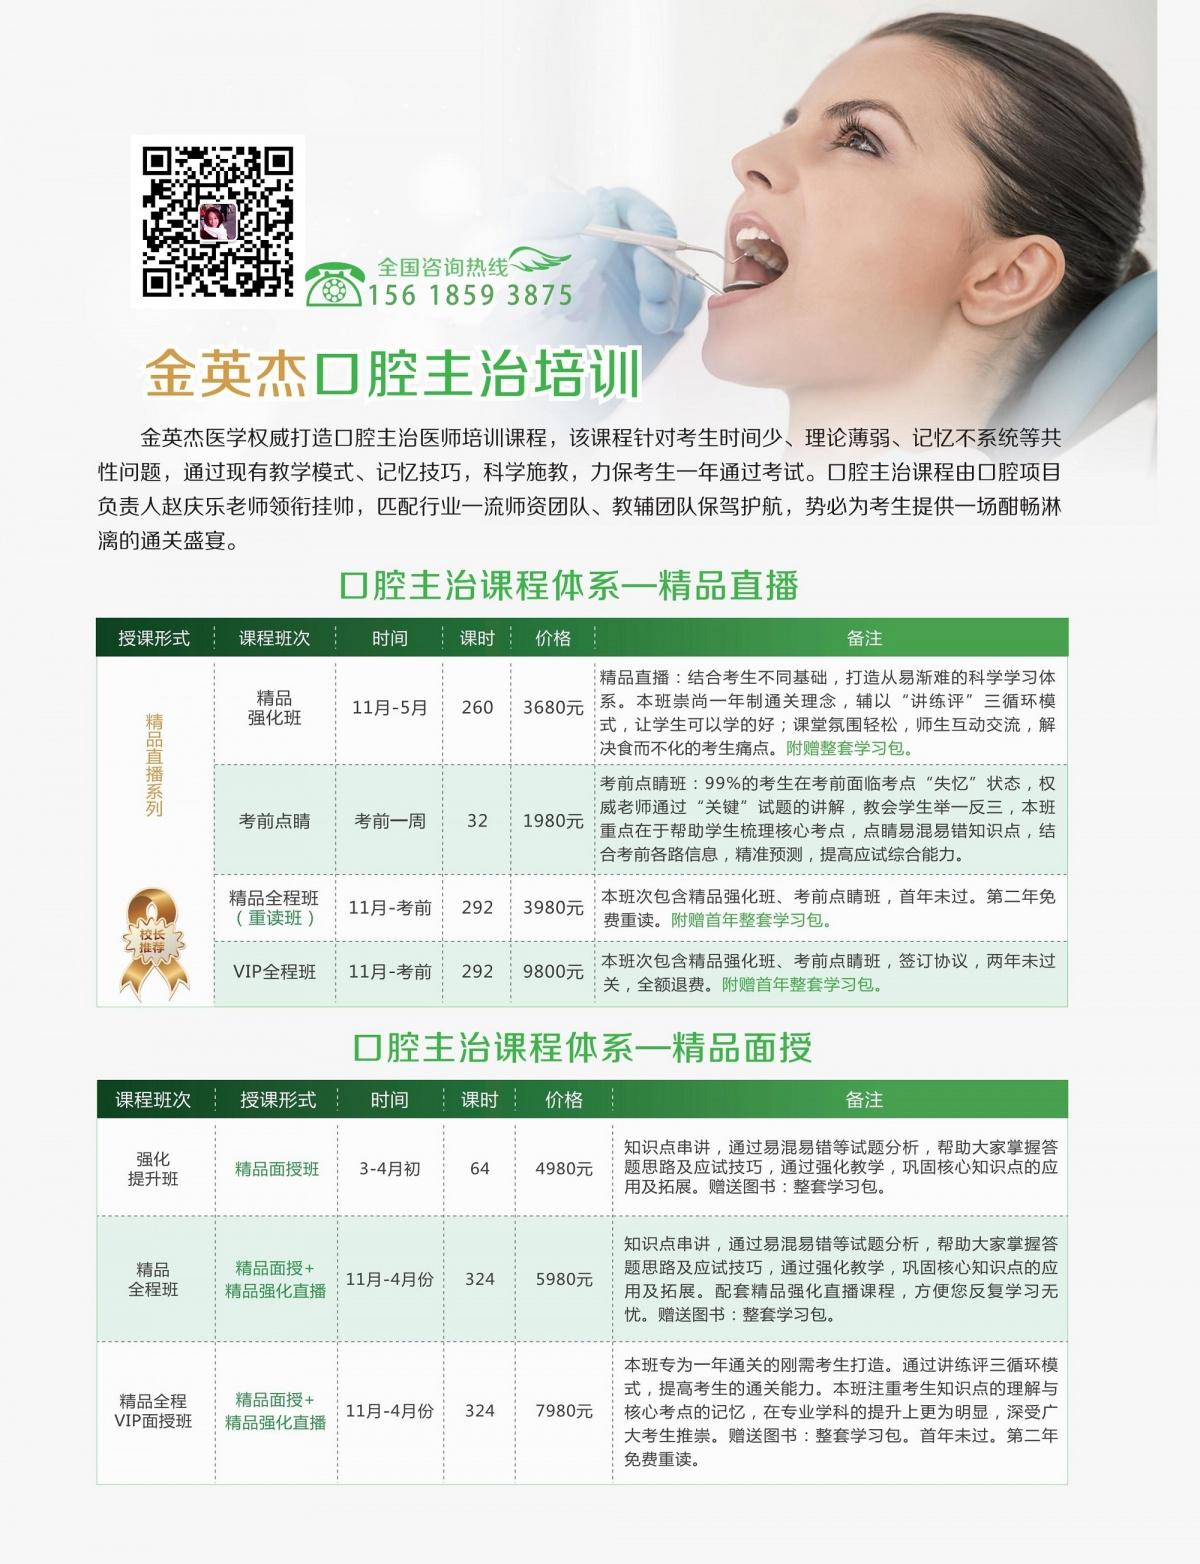 2019年口腔主治医师折页 制作文件 20181127_00.jpg